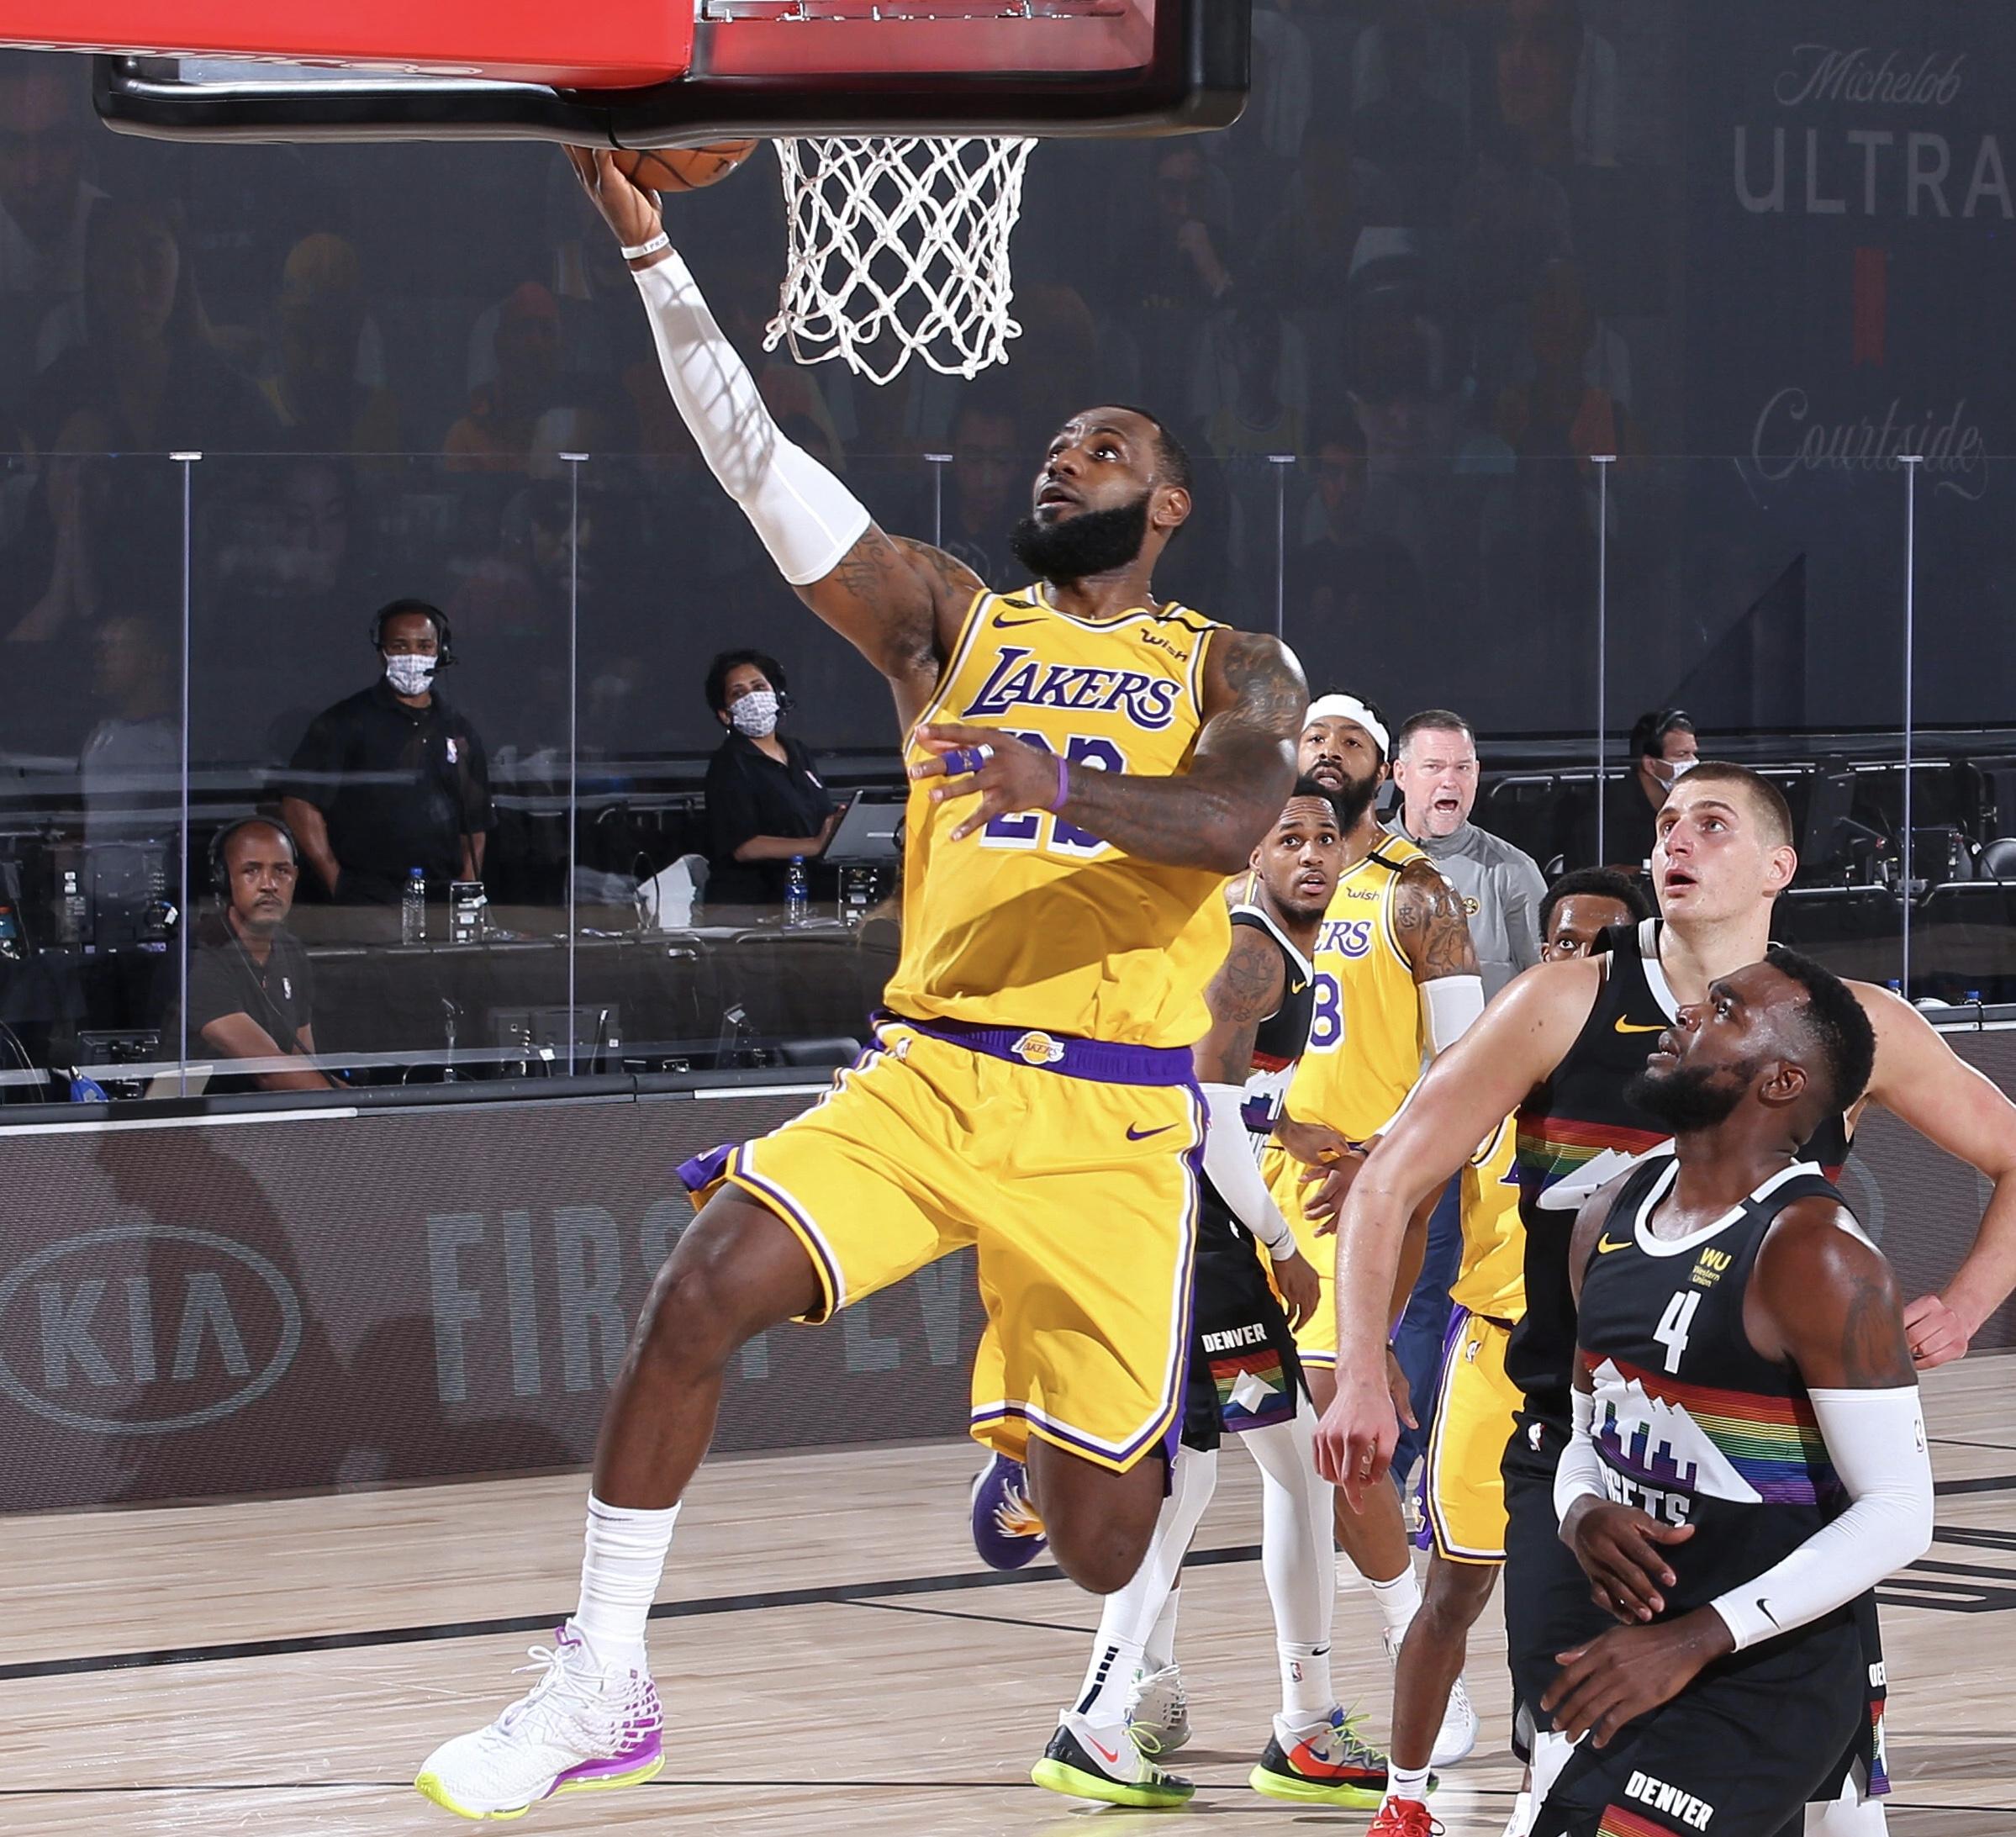 詹姆斯今年前两场赛点数据:32.5分10.5篮板8.5助攻